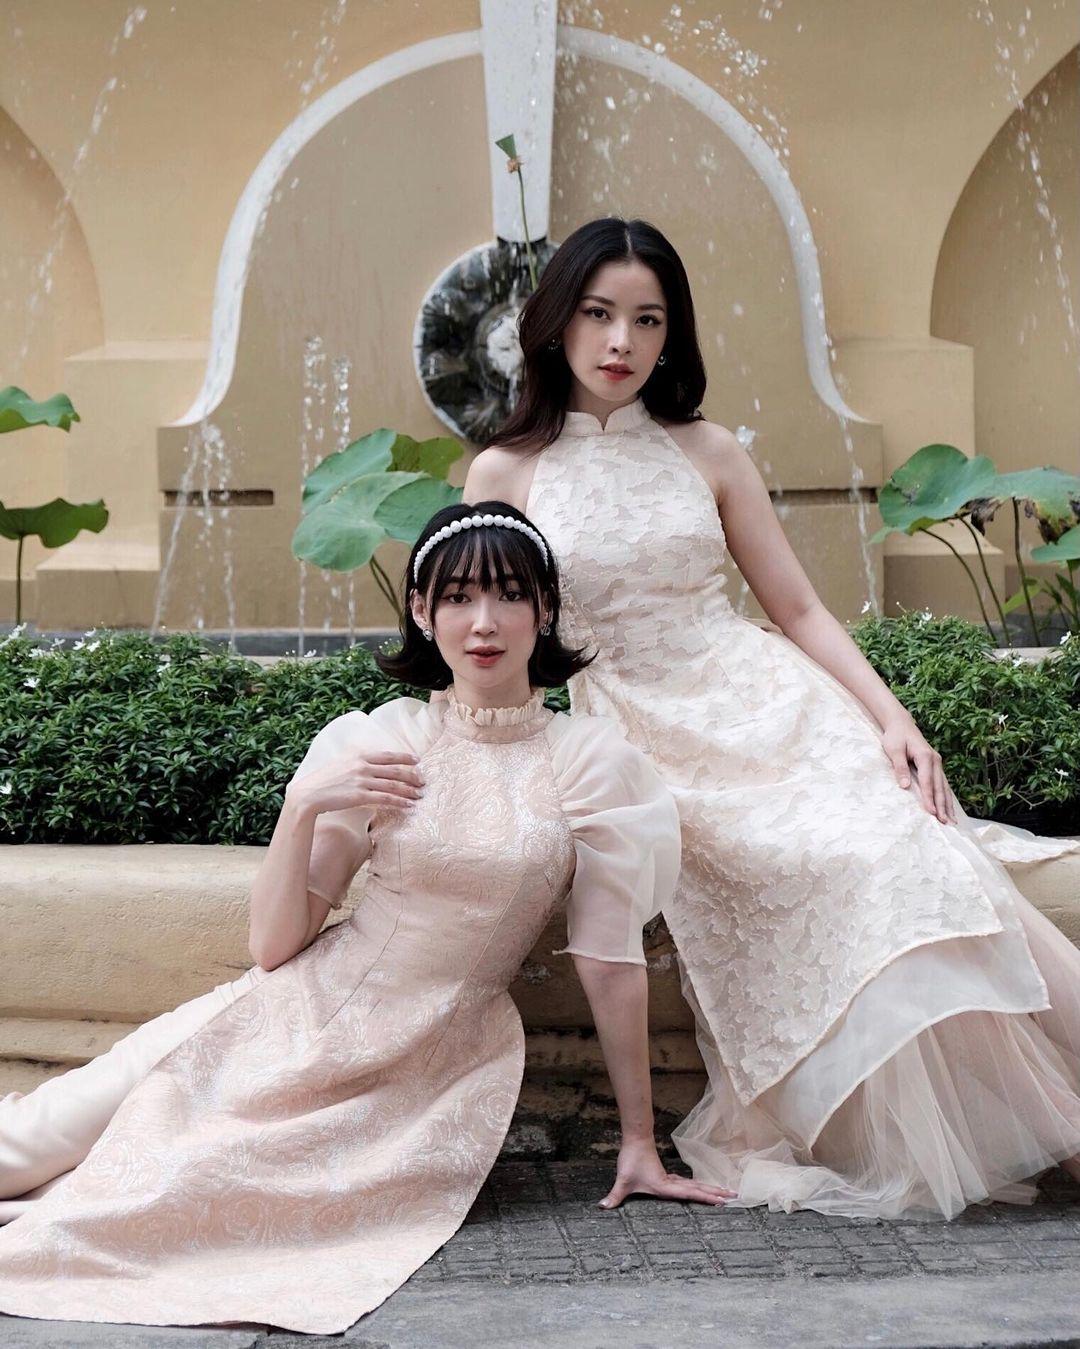 Sao Việt rộn ràng diện áo dài đón Tết sớm, kiểu hot hit nhất năm nay nằm cả ở chi tiết này - Ảnh 13.